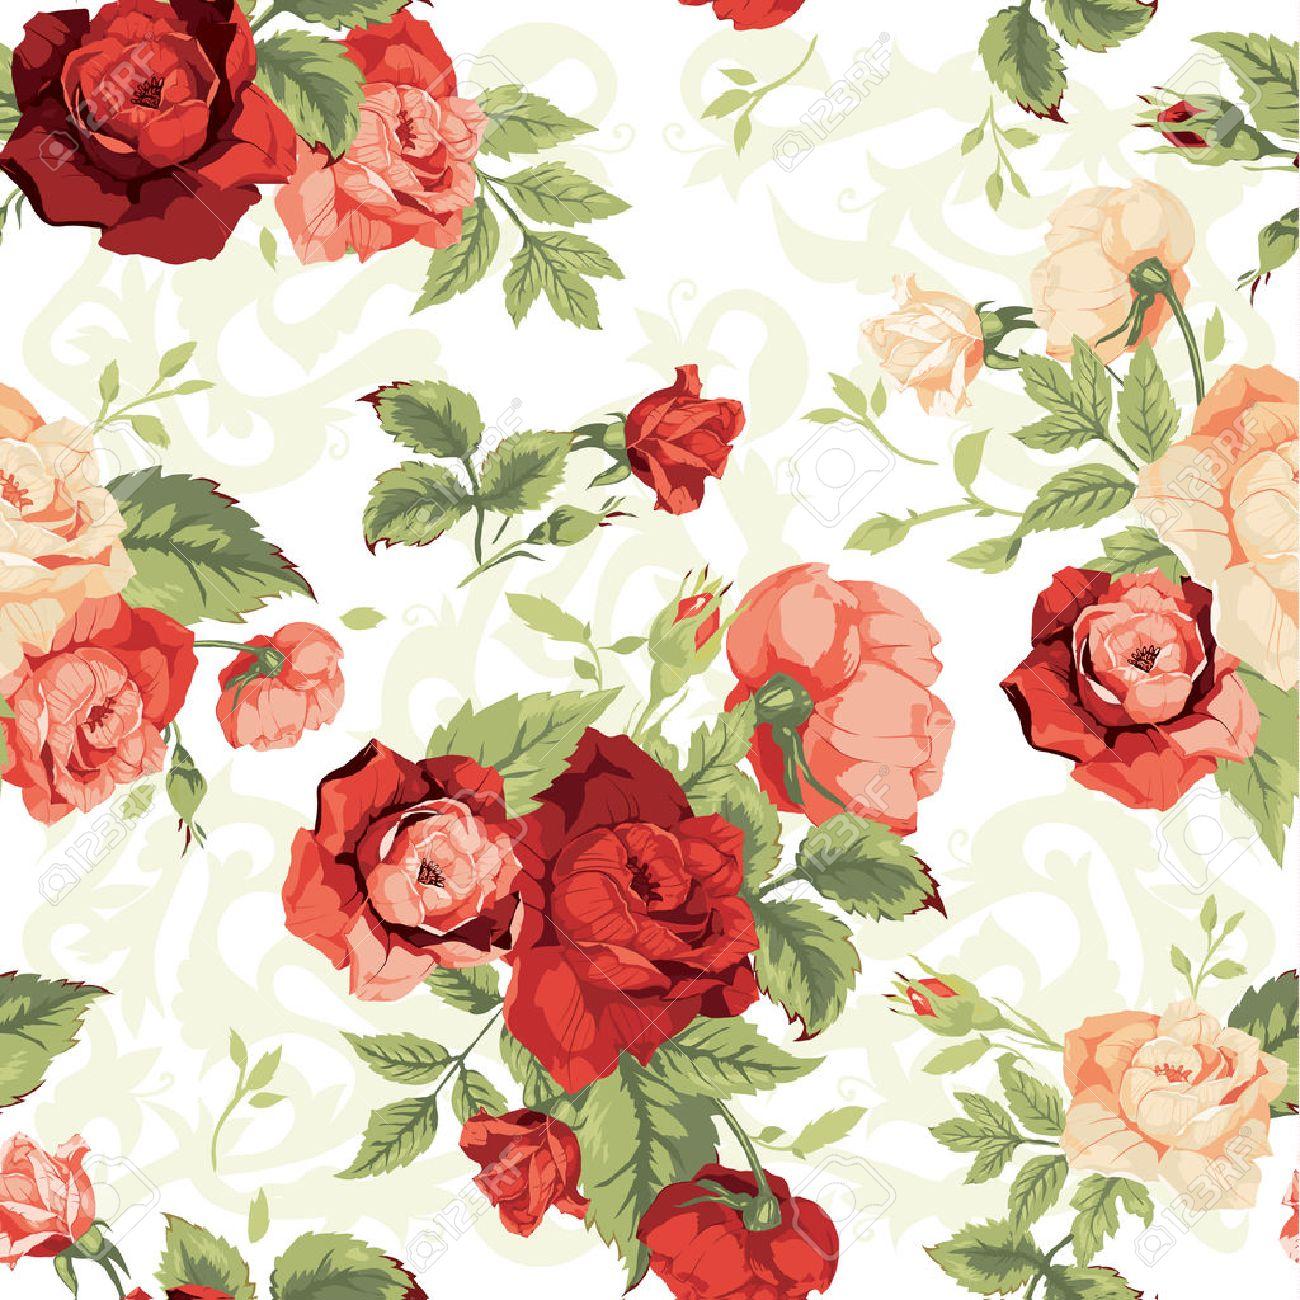 白い背景ベクトル イラストで赤とオレンジ色のバラとシームレスな花柄